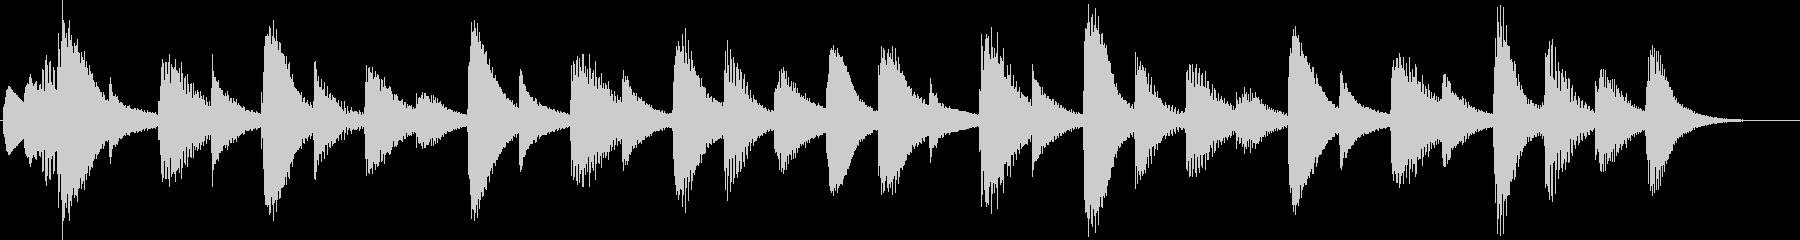 マリンバの優しいジングルの未再生の波形